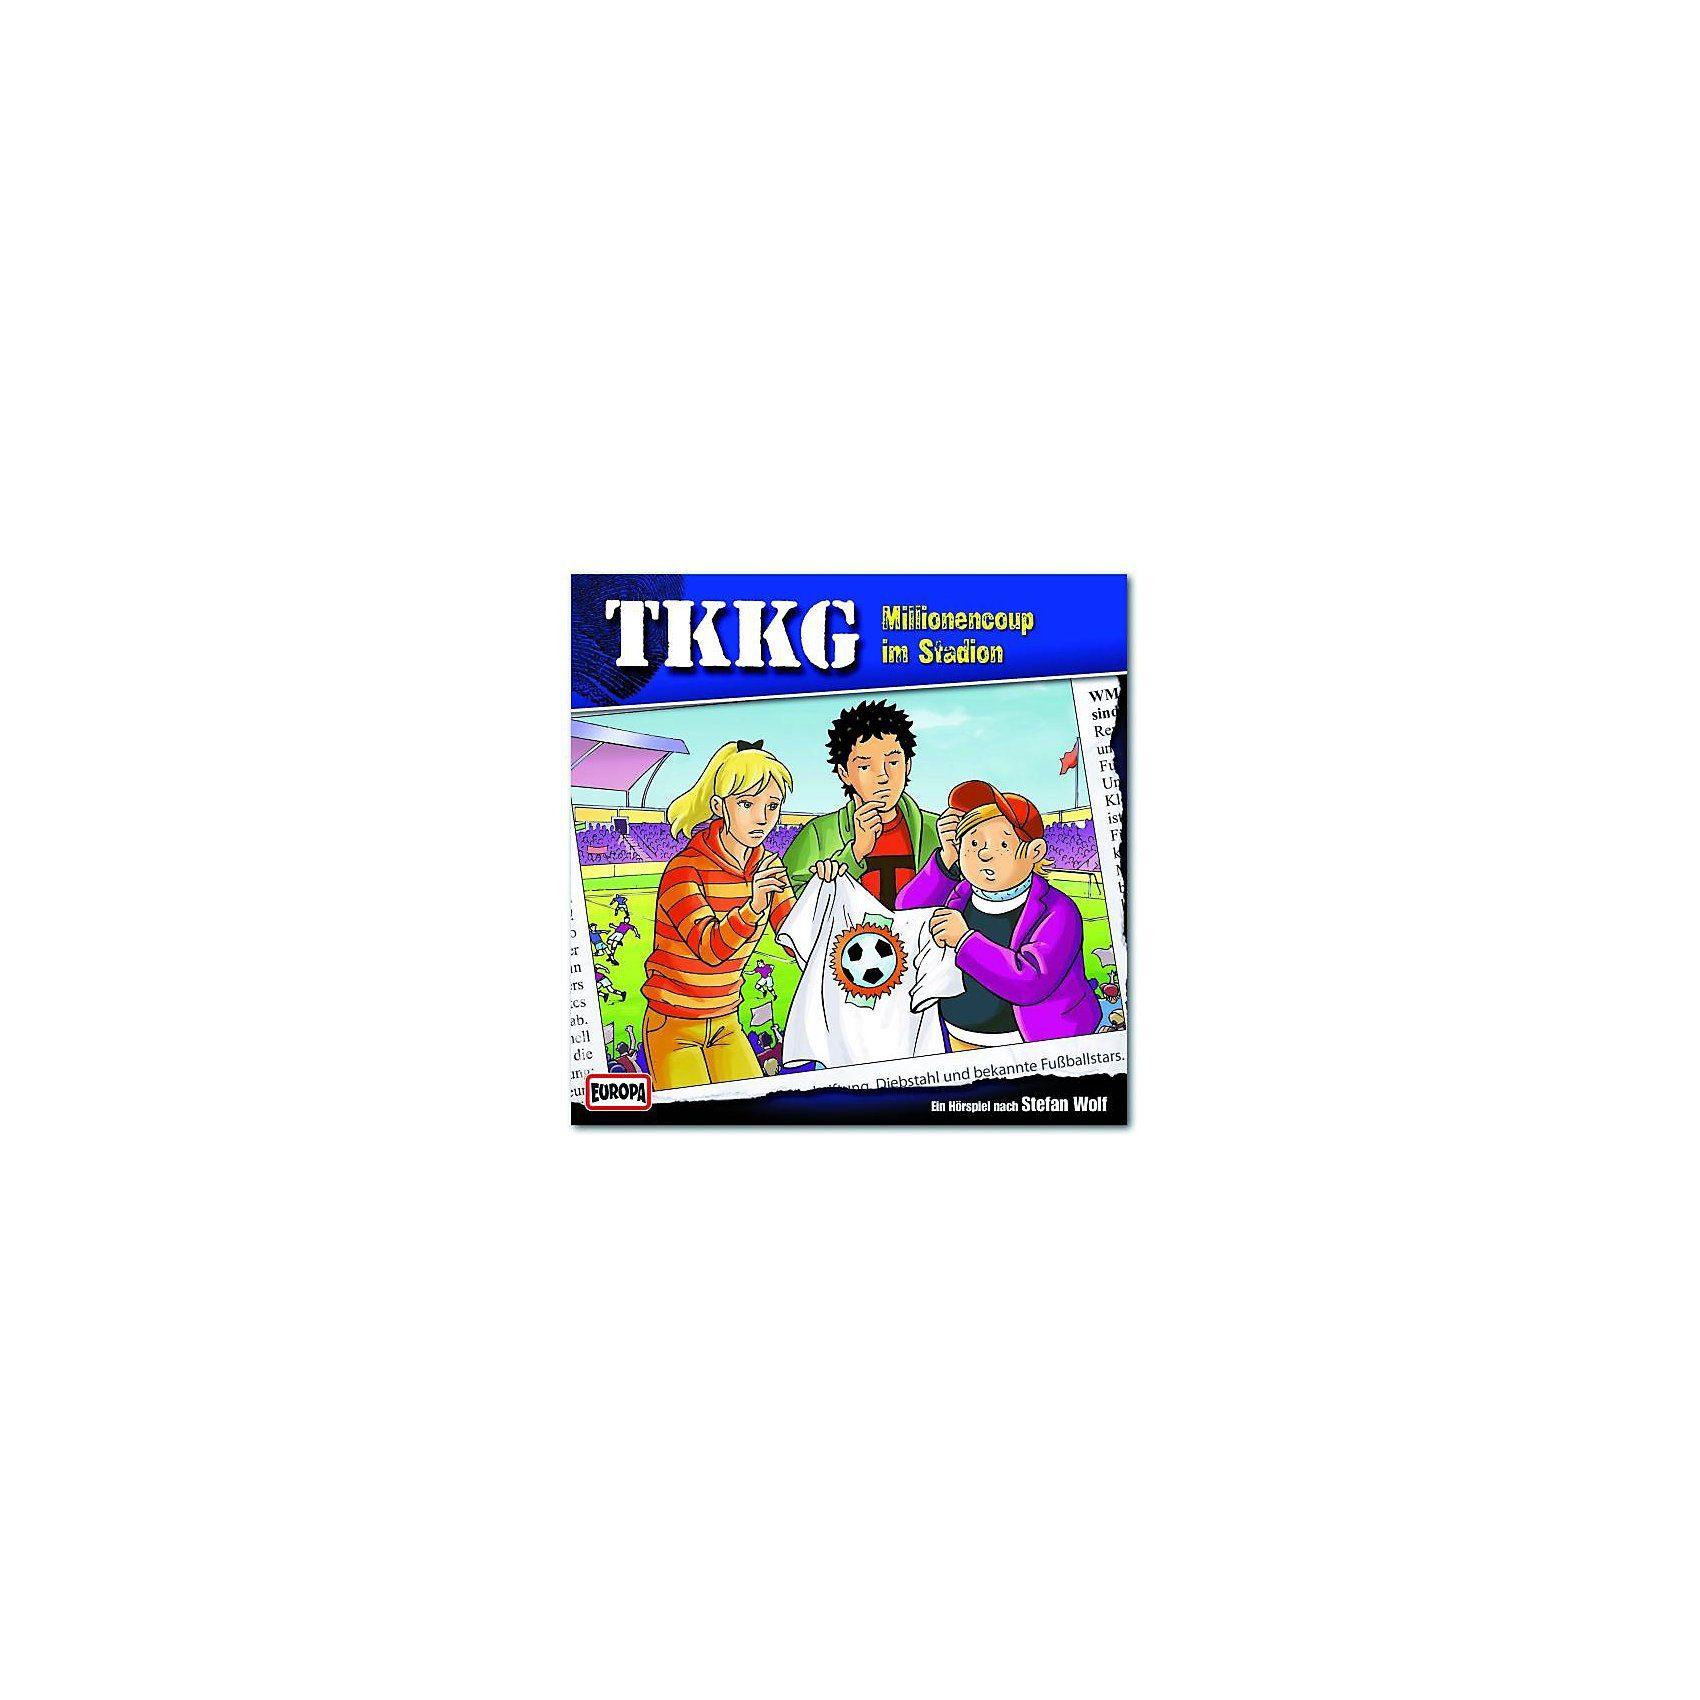 Sony CD TKKG 168 - Millionencup im Stadion